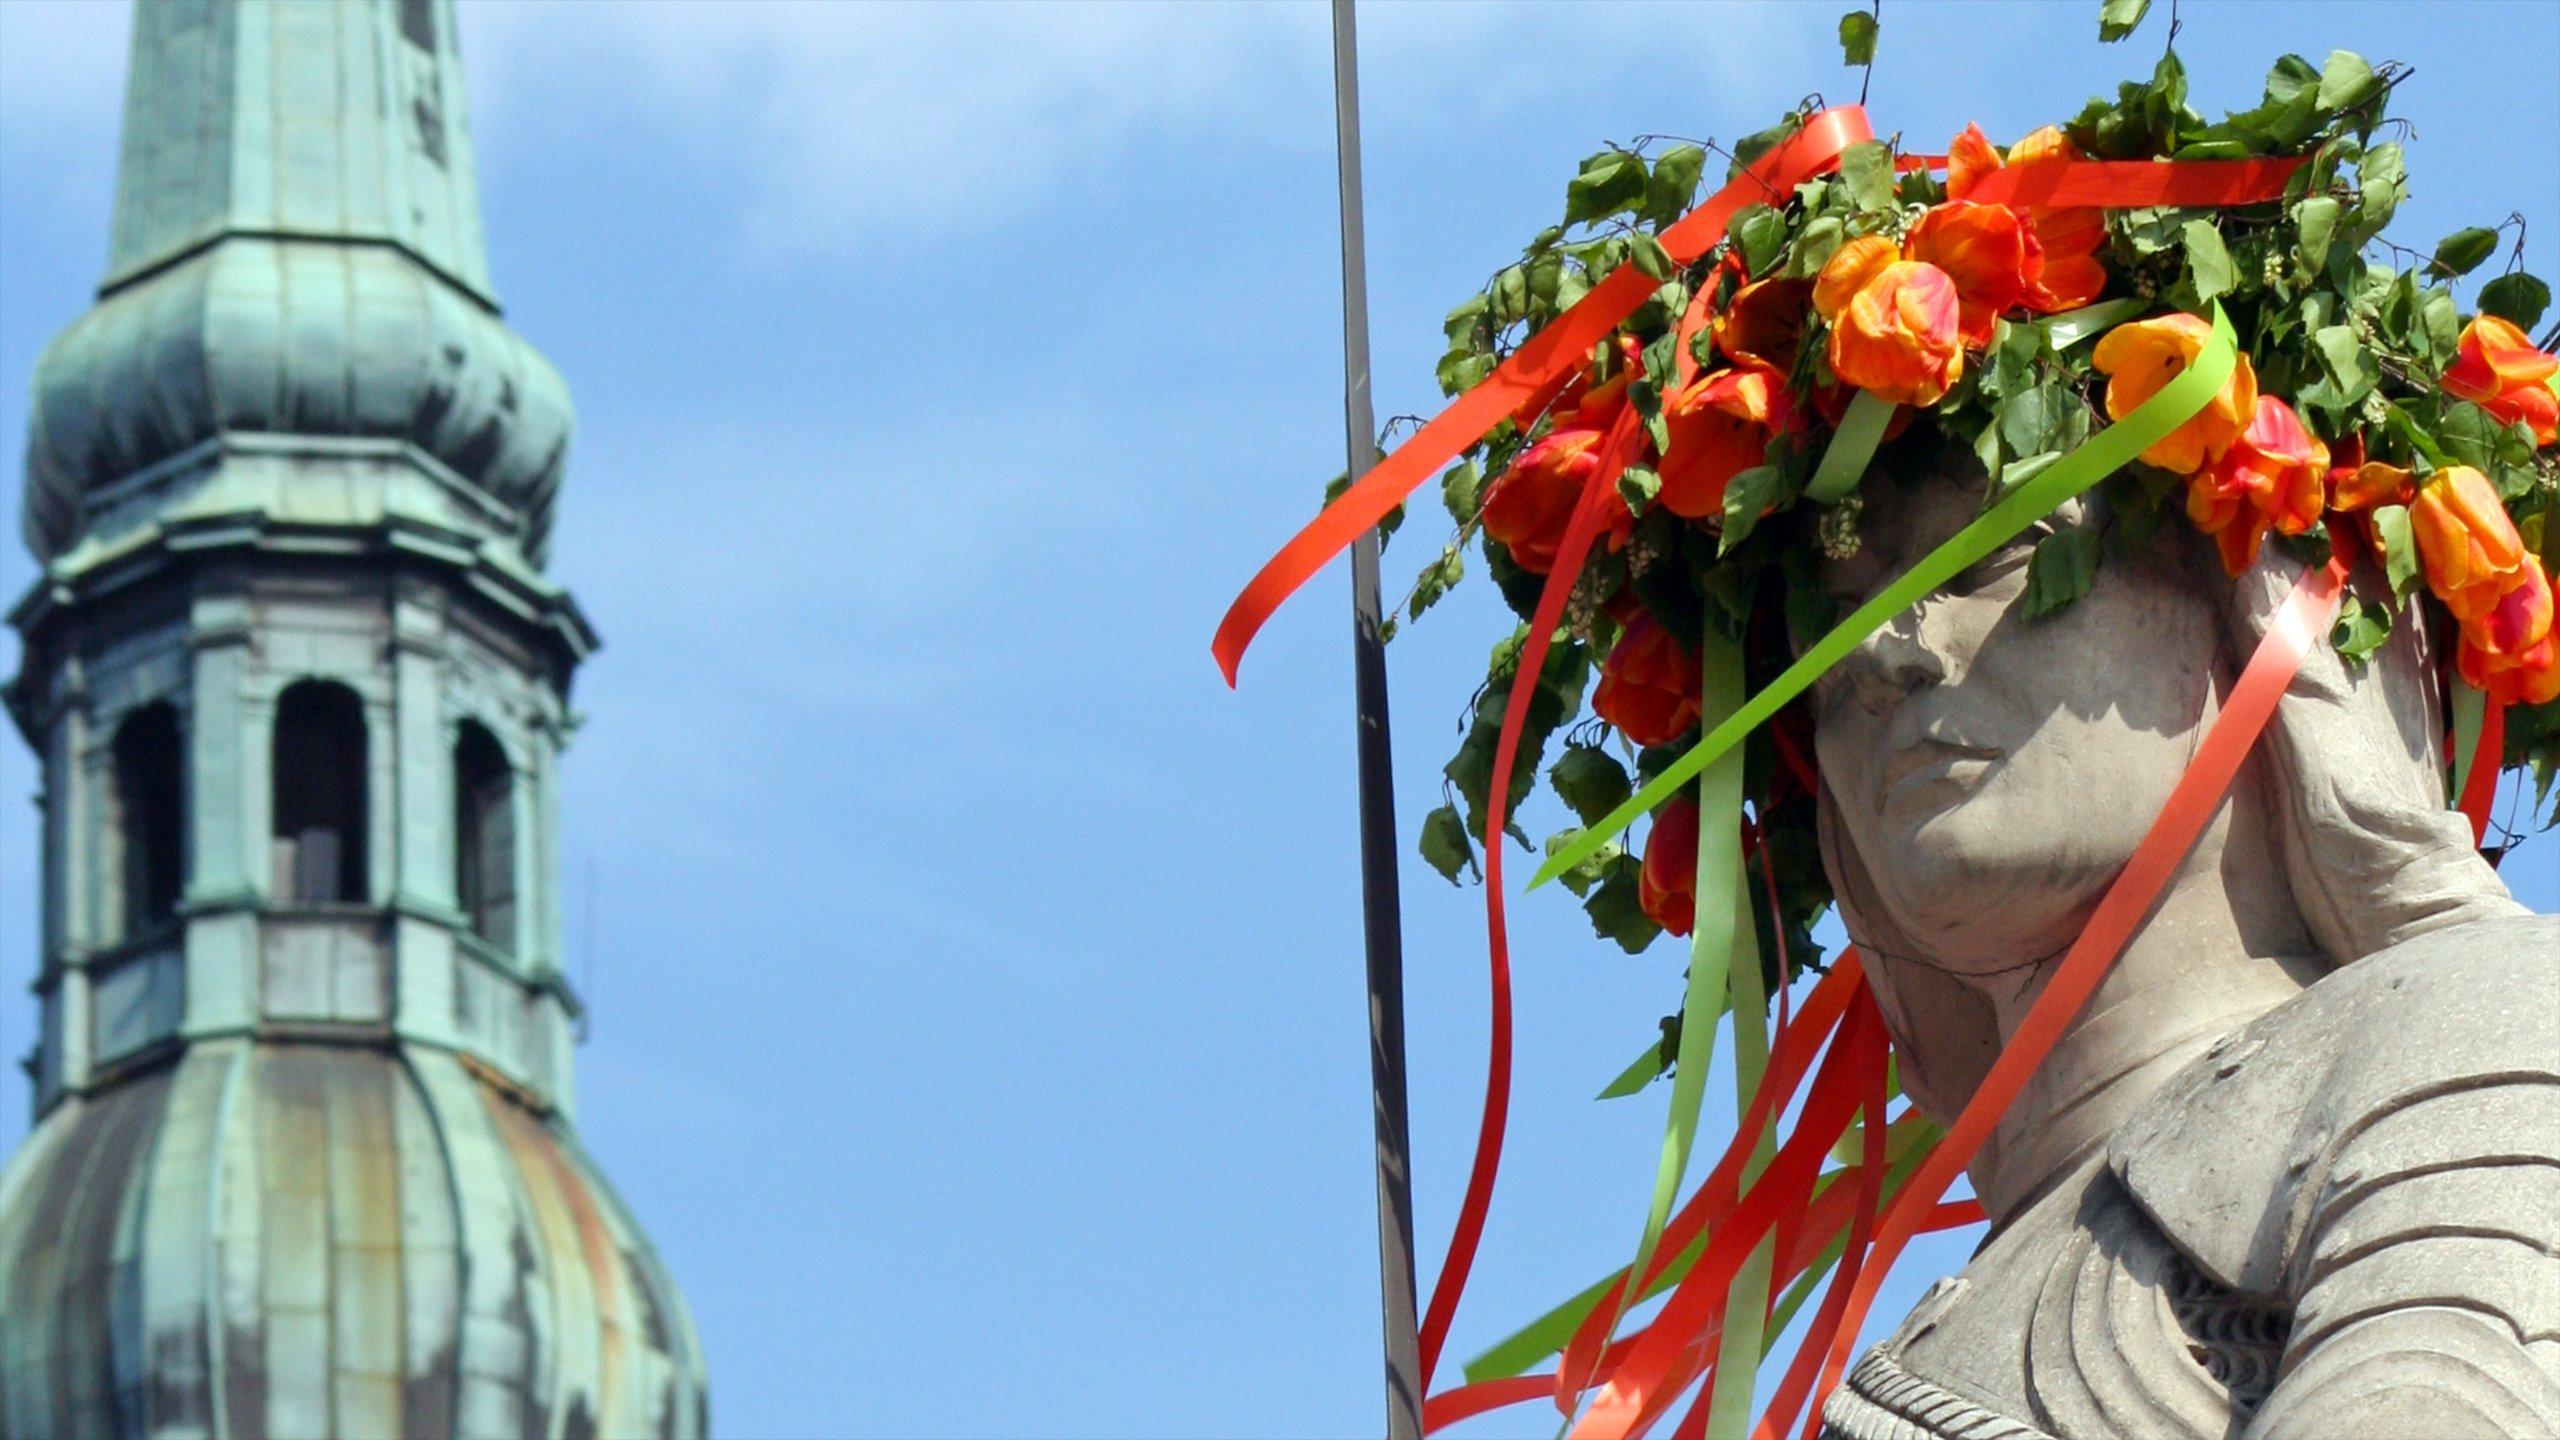 Ropaži Municipality, Latvia